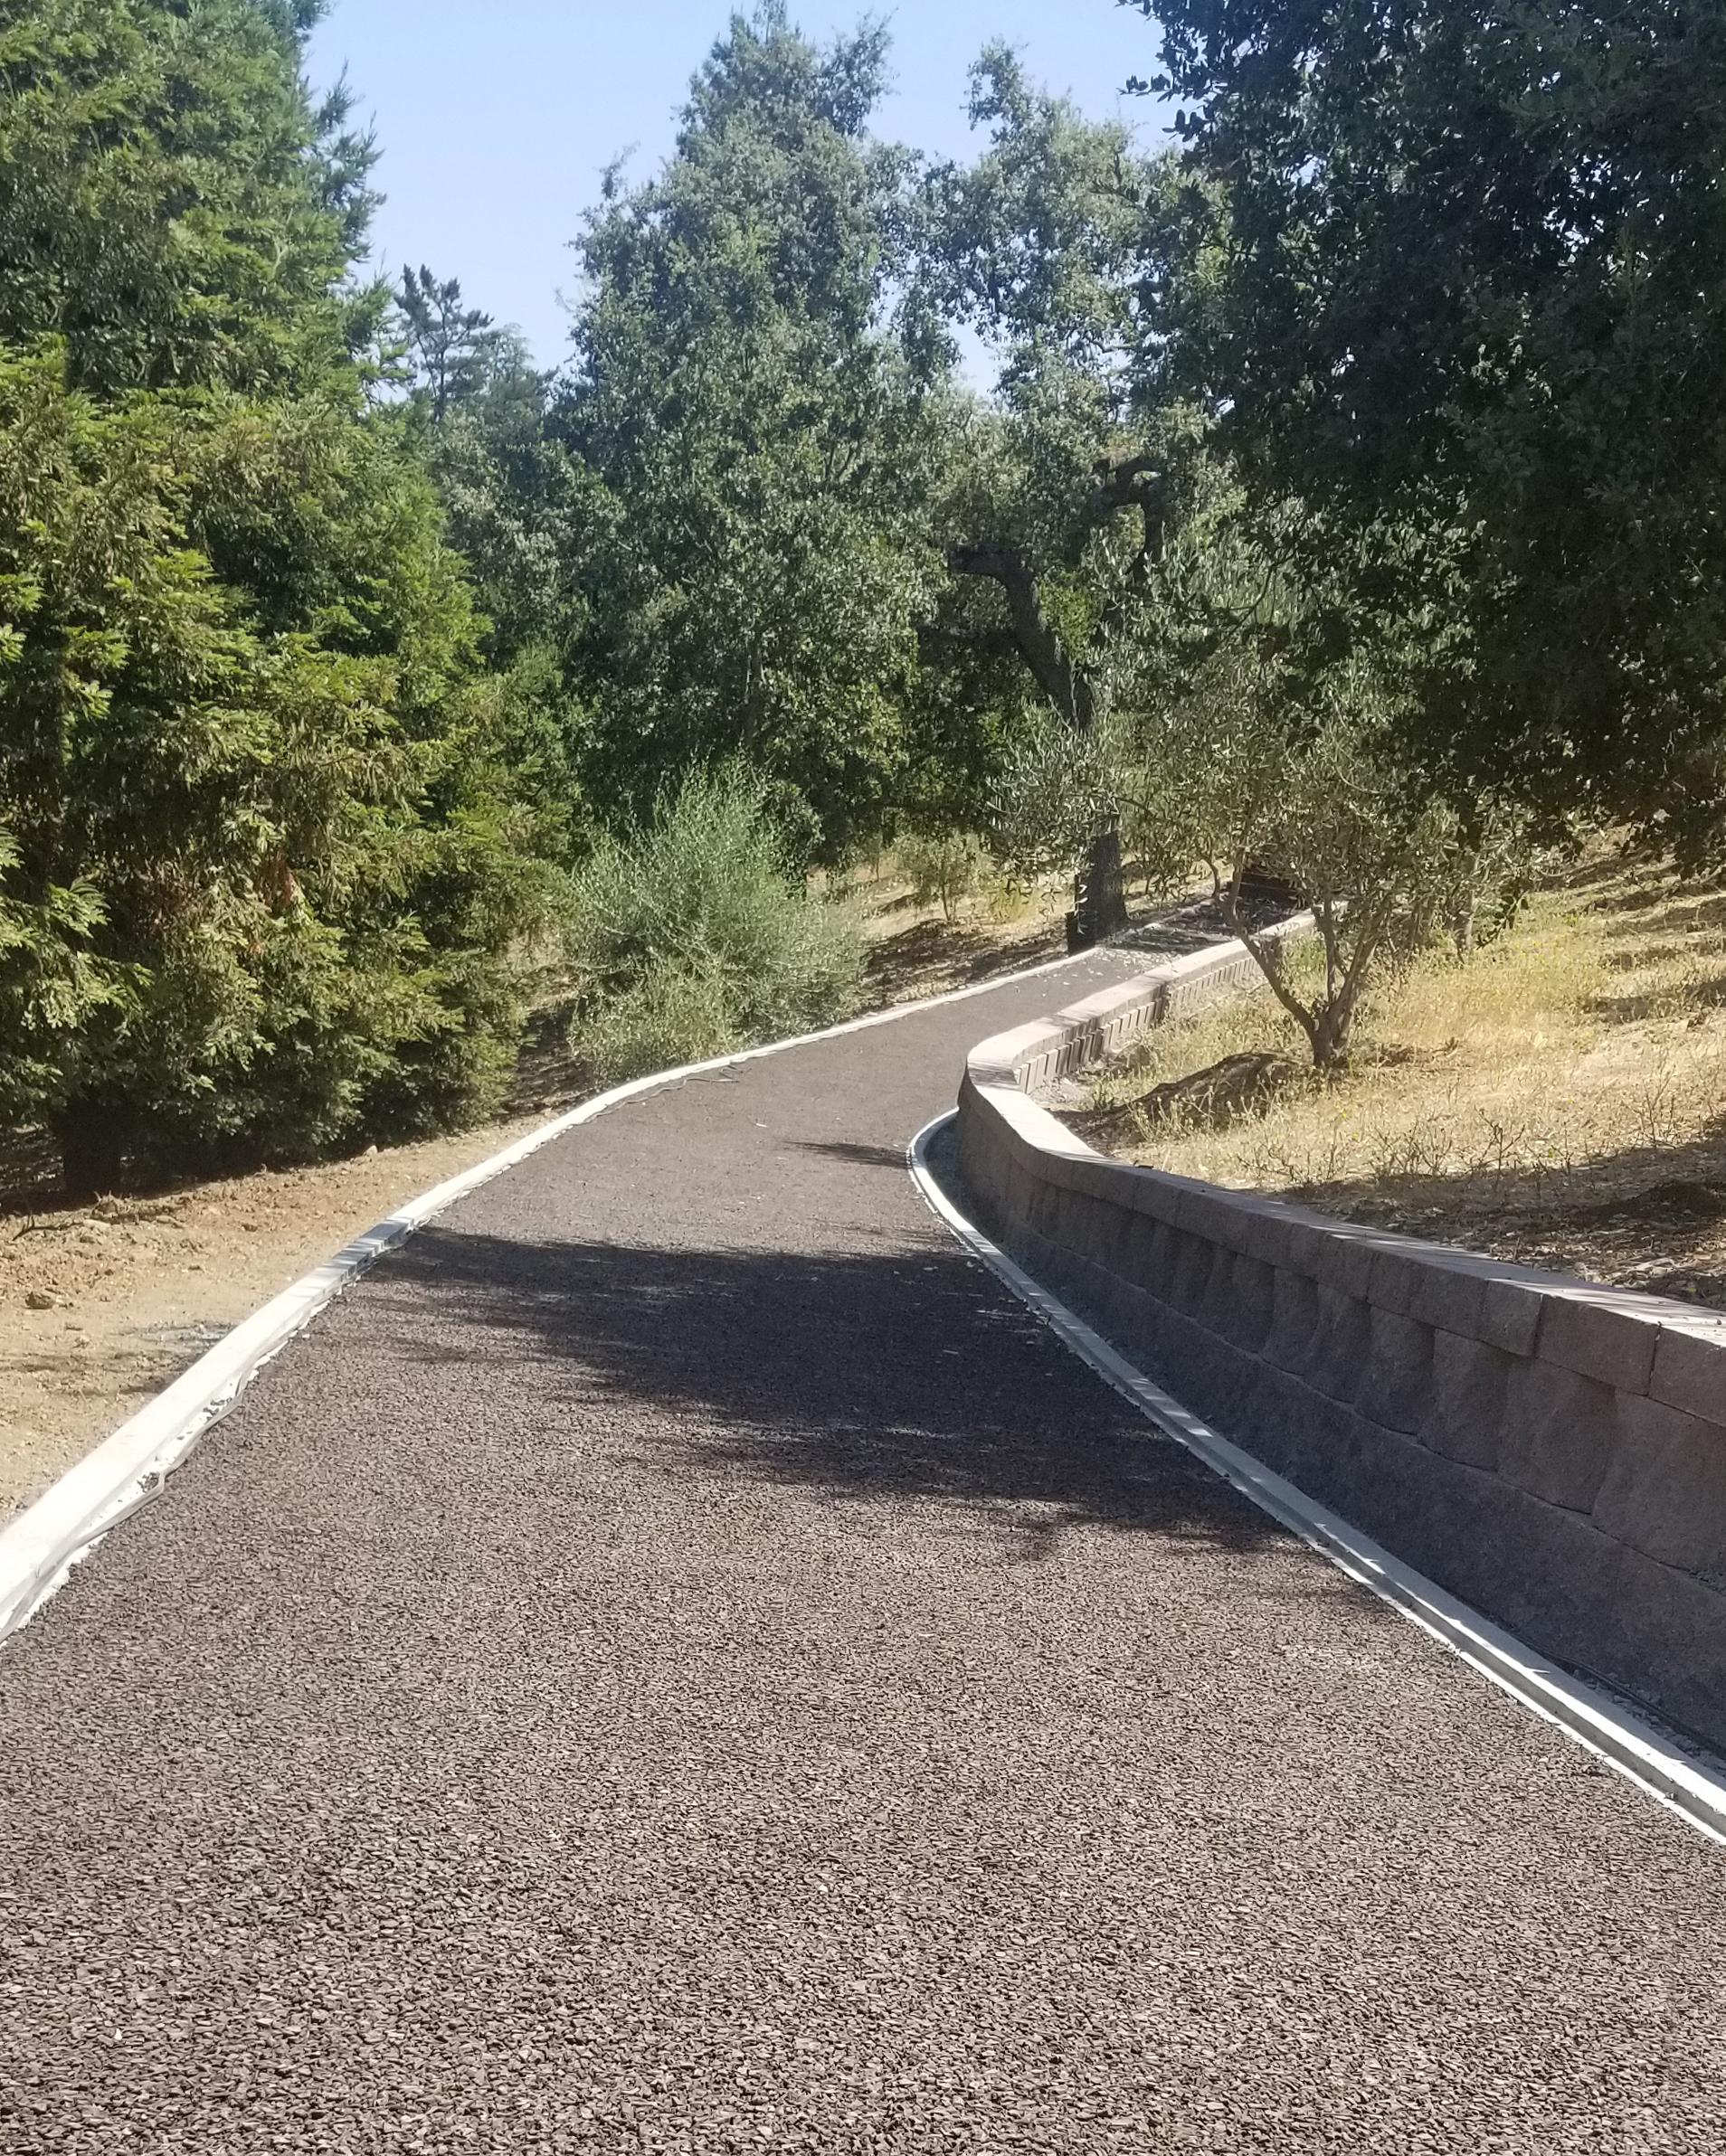 Rubberway flexible porous pavement trail